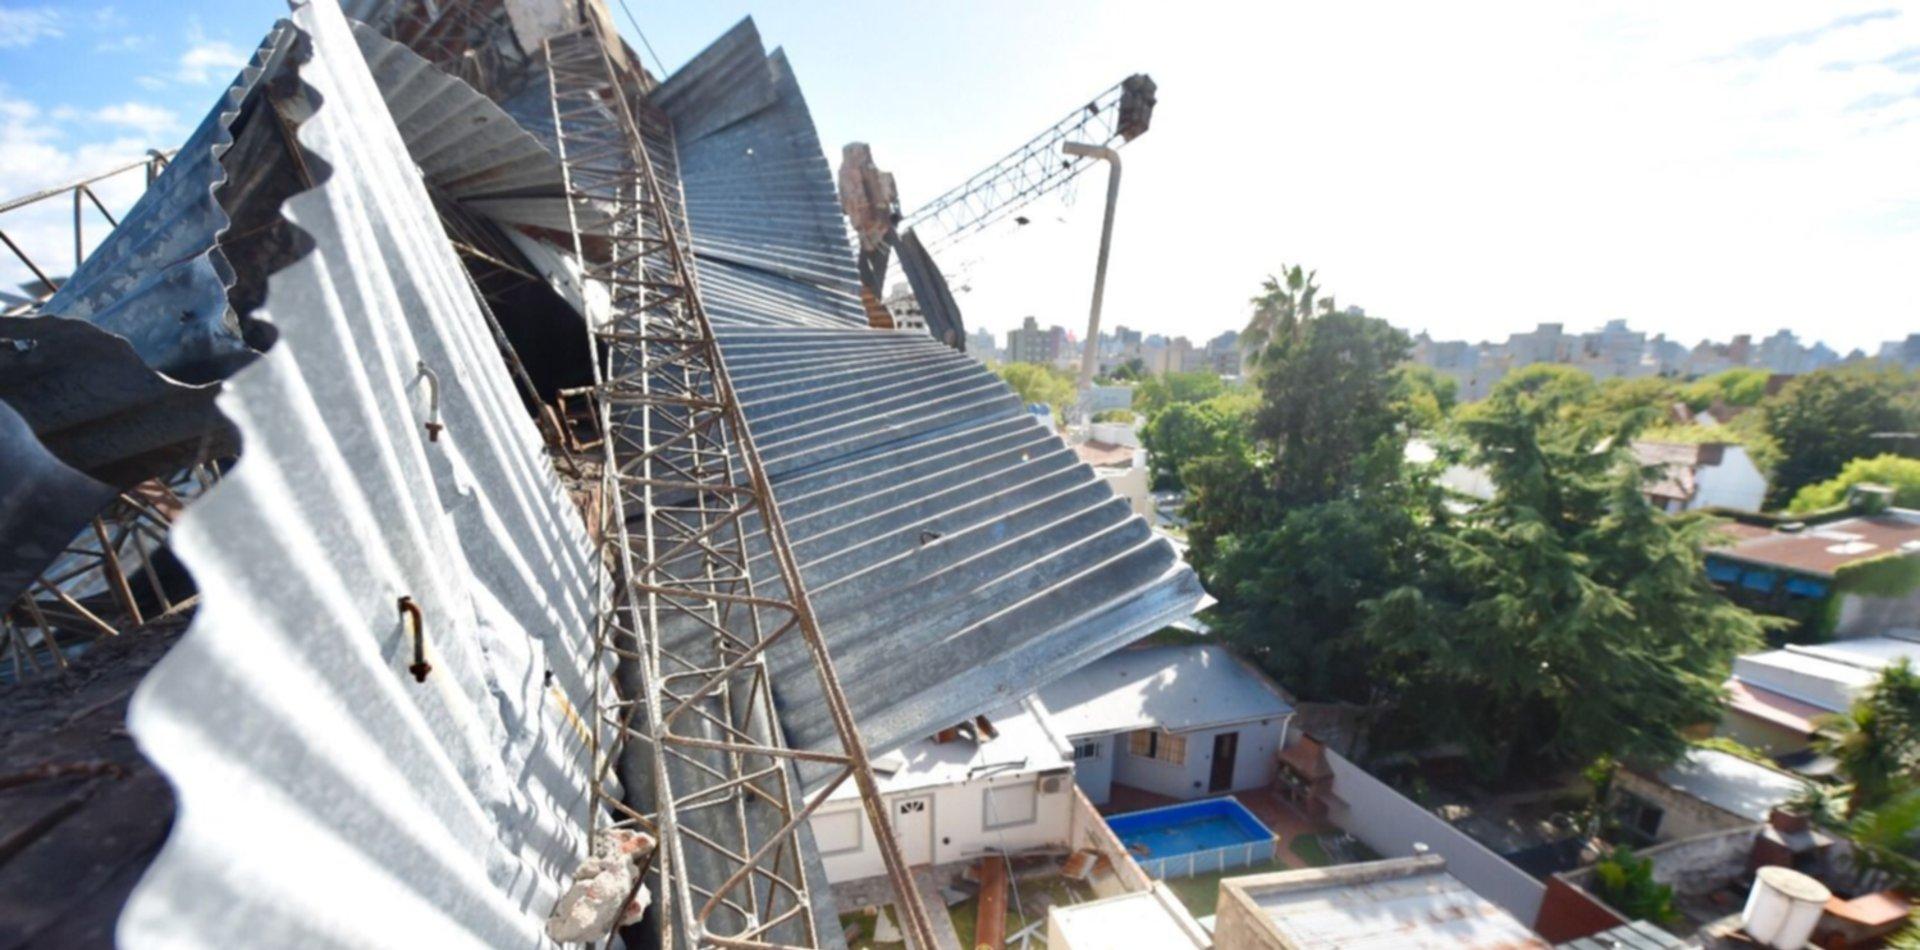 Se cayó el techo de una cochera y su casa quedó en peligro de derrumbe